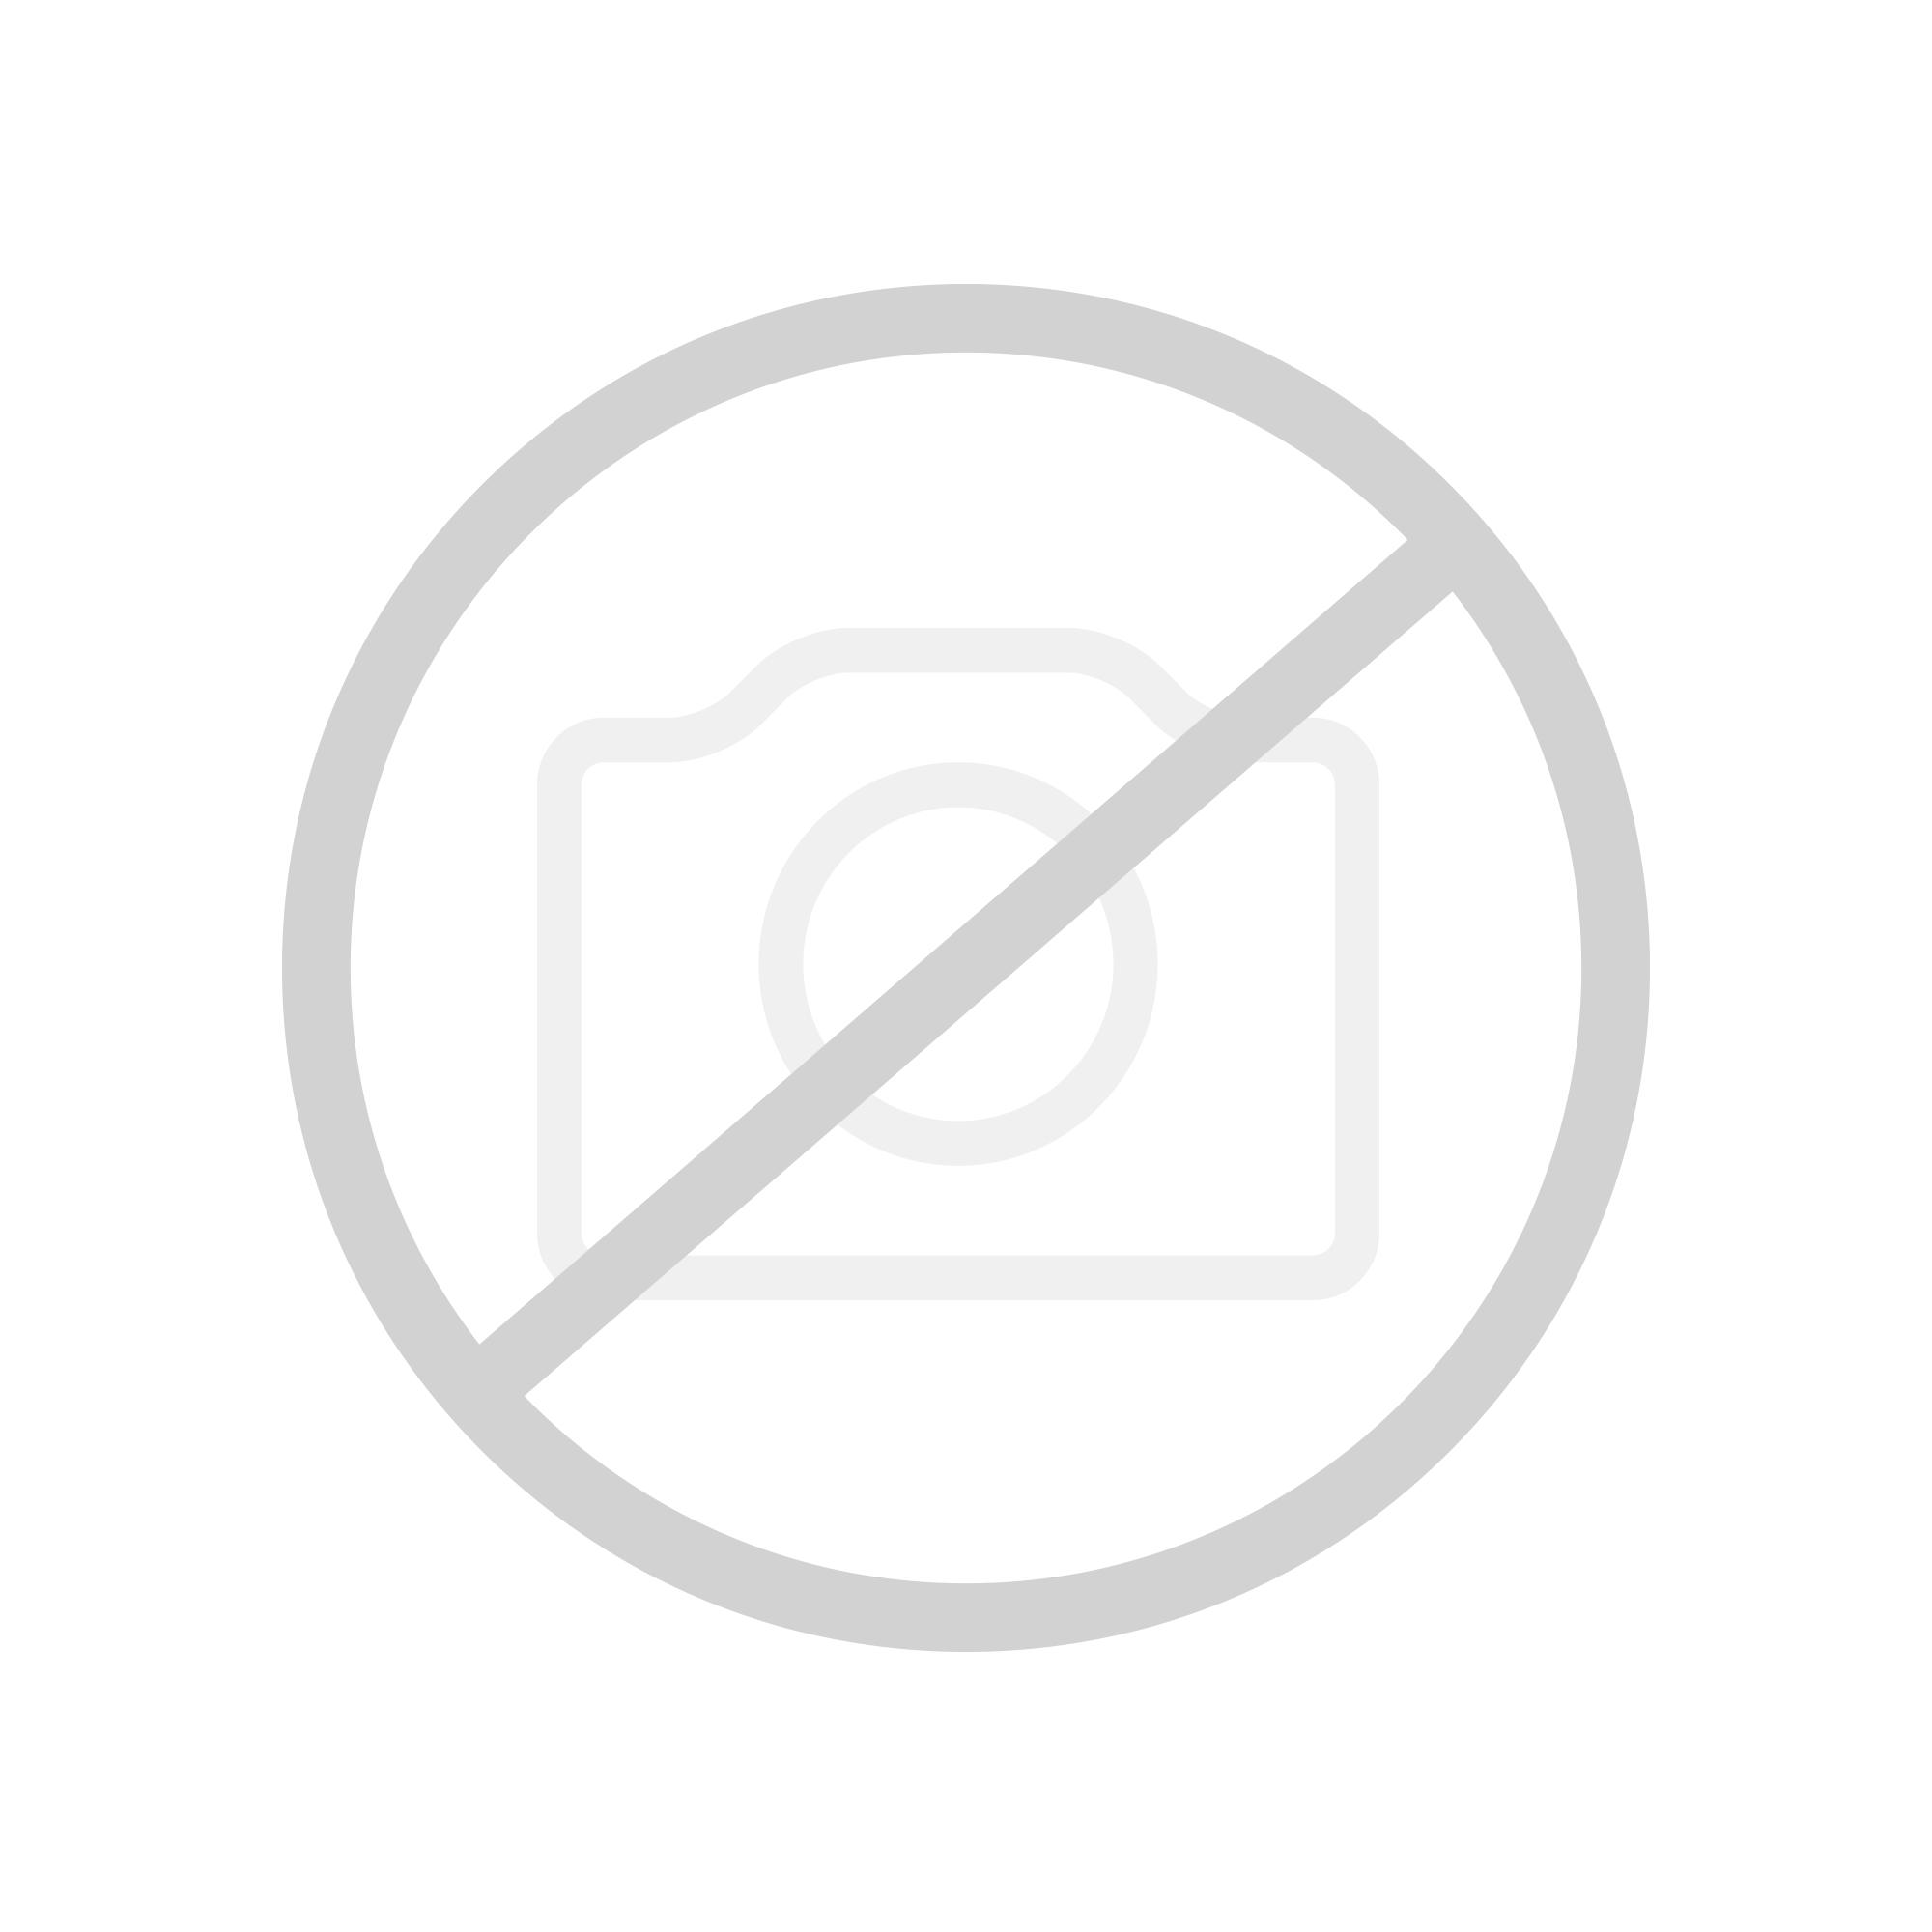 duravit vero waschtischunterbau f r konsole wei hochglanz ve655102222 reuter onlineshop. Black Bedroom Furniture Sets. Home Design Ideas